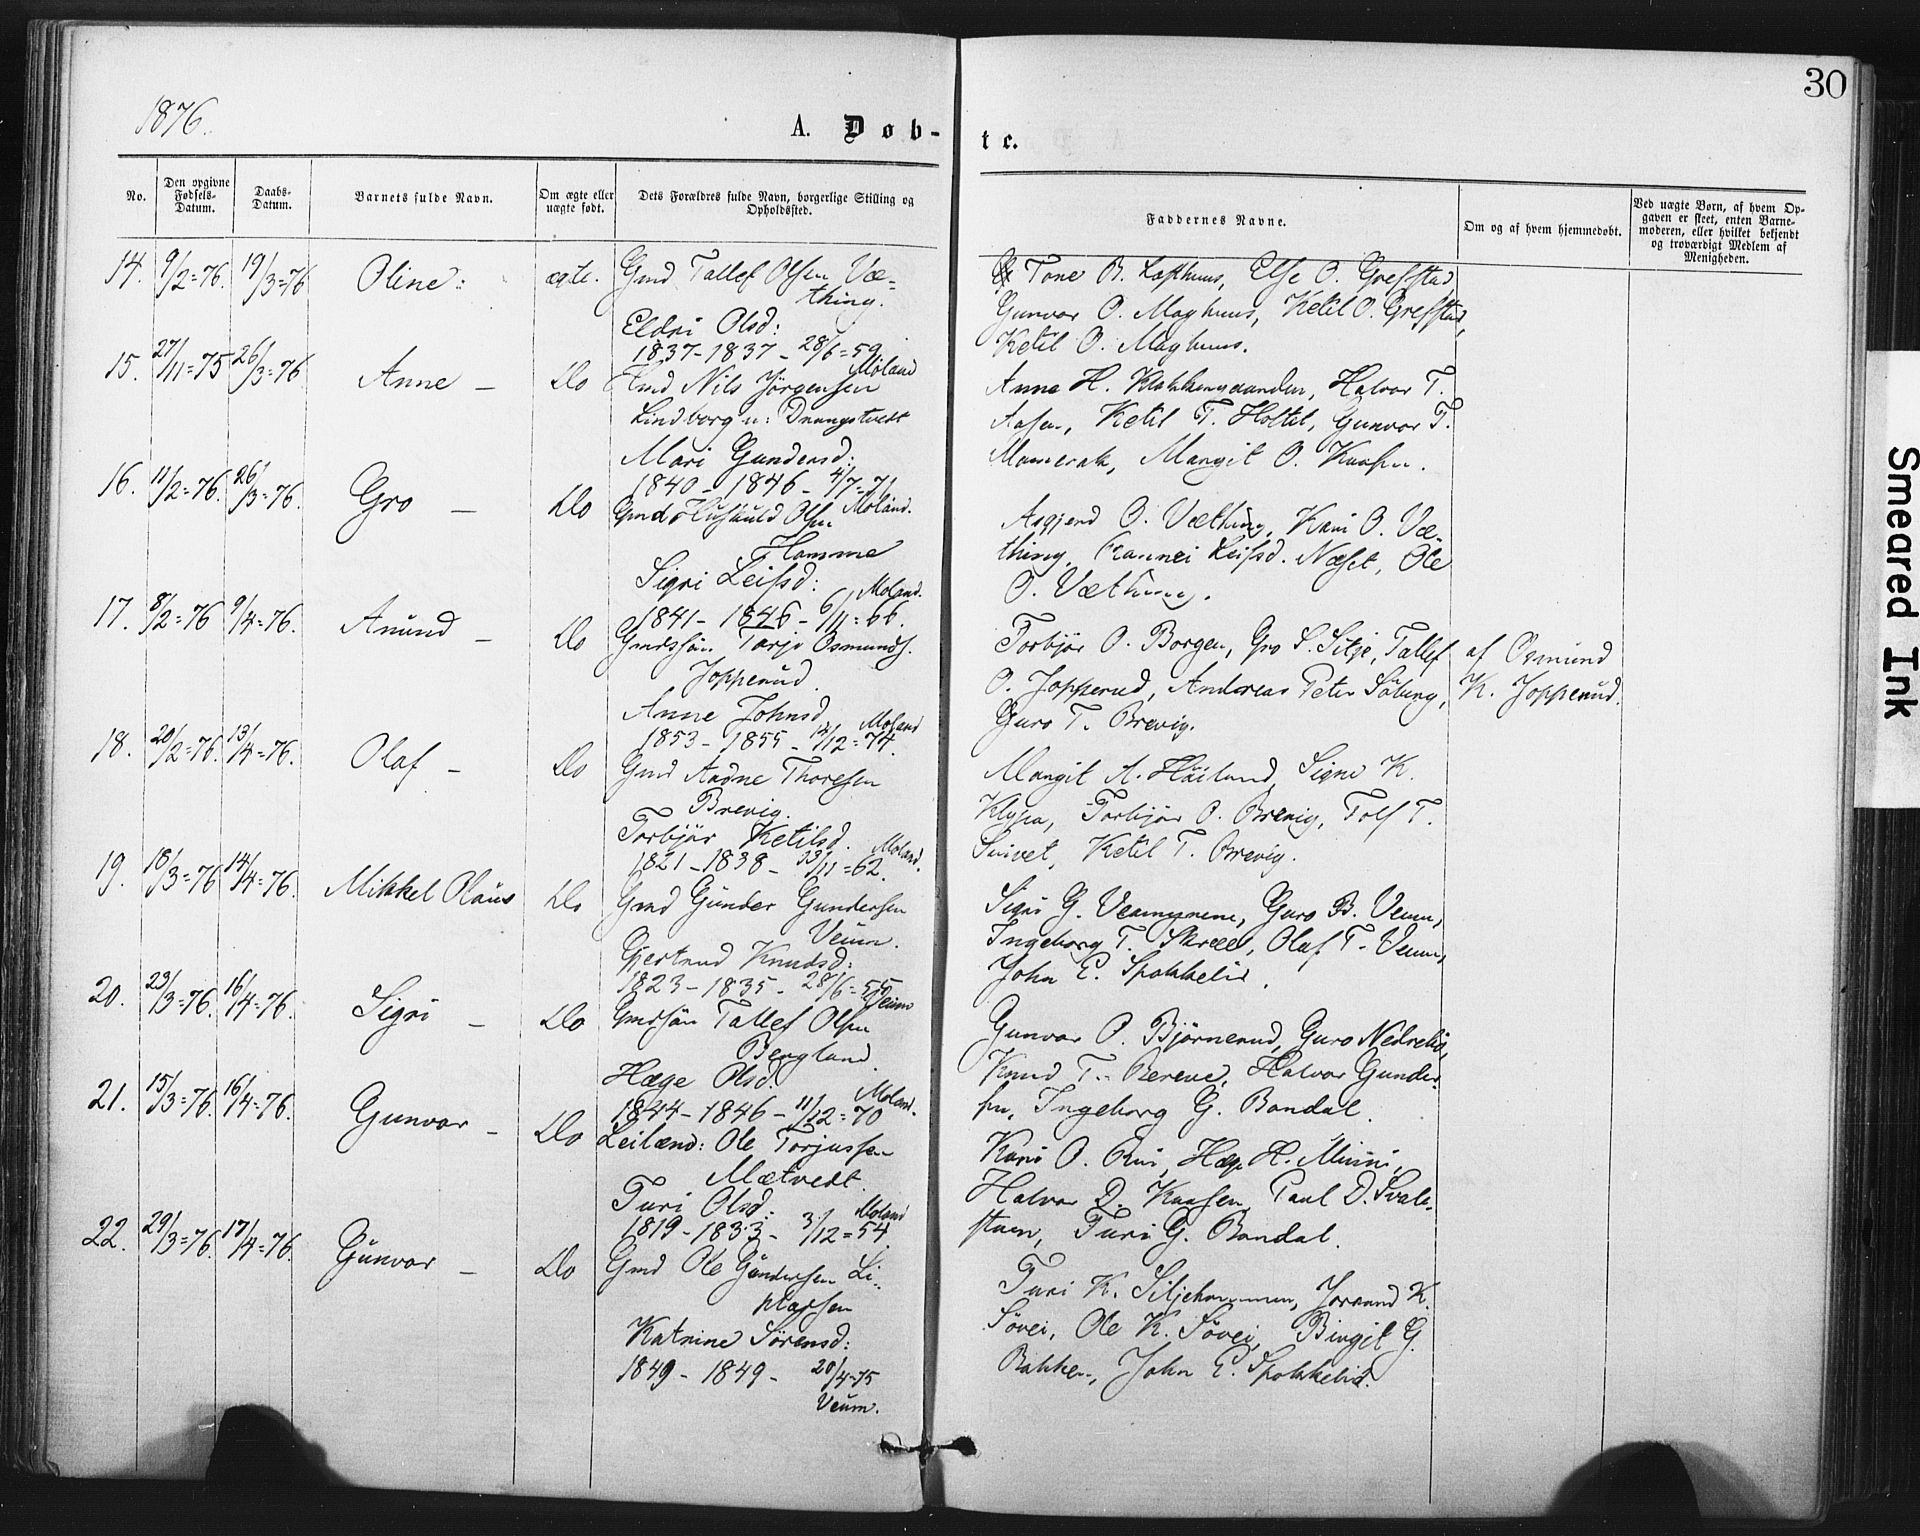 SAKO, Fyresdal kirkebøker, F/Fa/L0006: Ministerialbok nr. I 6, 1872-1886, s. 30